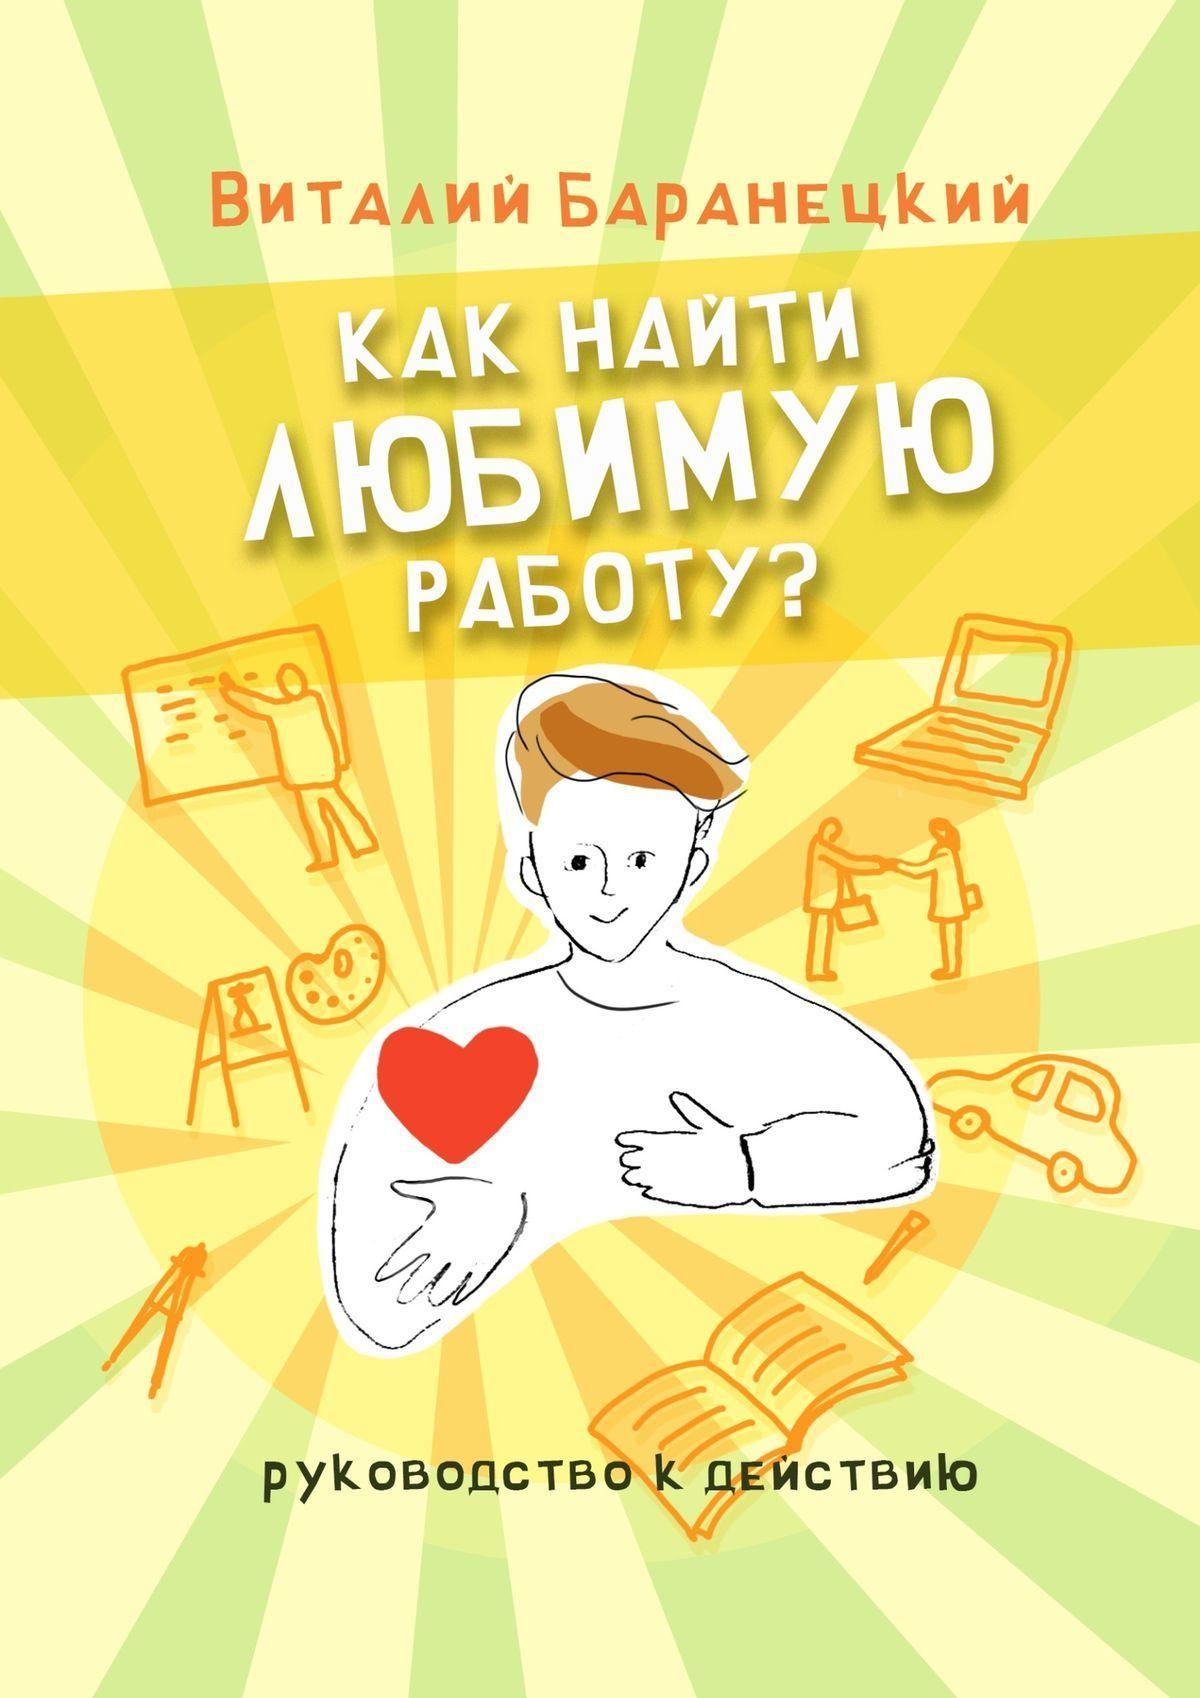 Виталий Баранецкий Как найти любимую работу? Руководство к действию струговщикова о будь счастливой мамой как найти любимую работу и воспитывать ребенка isbn 9785222243237